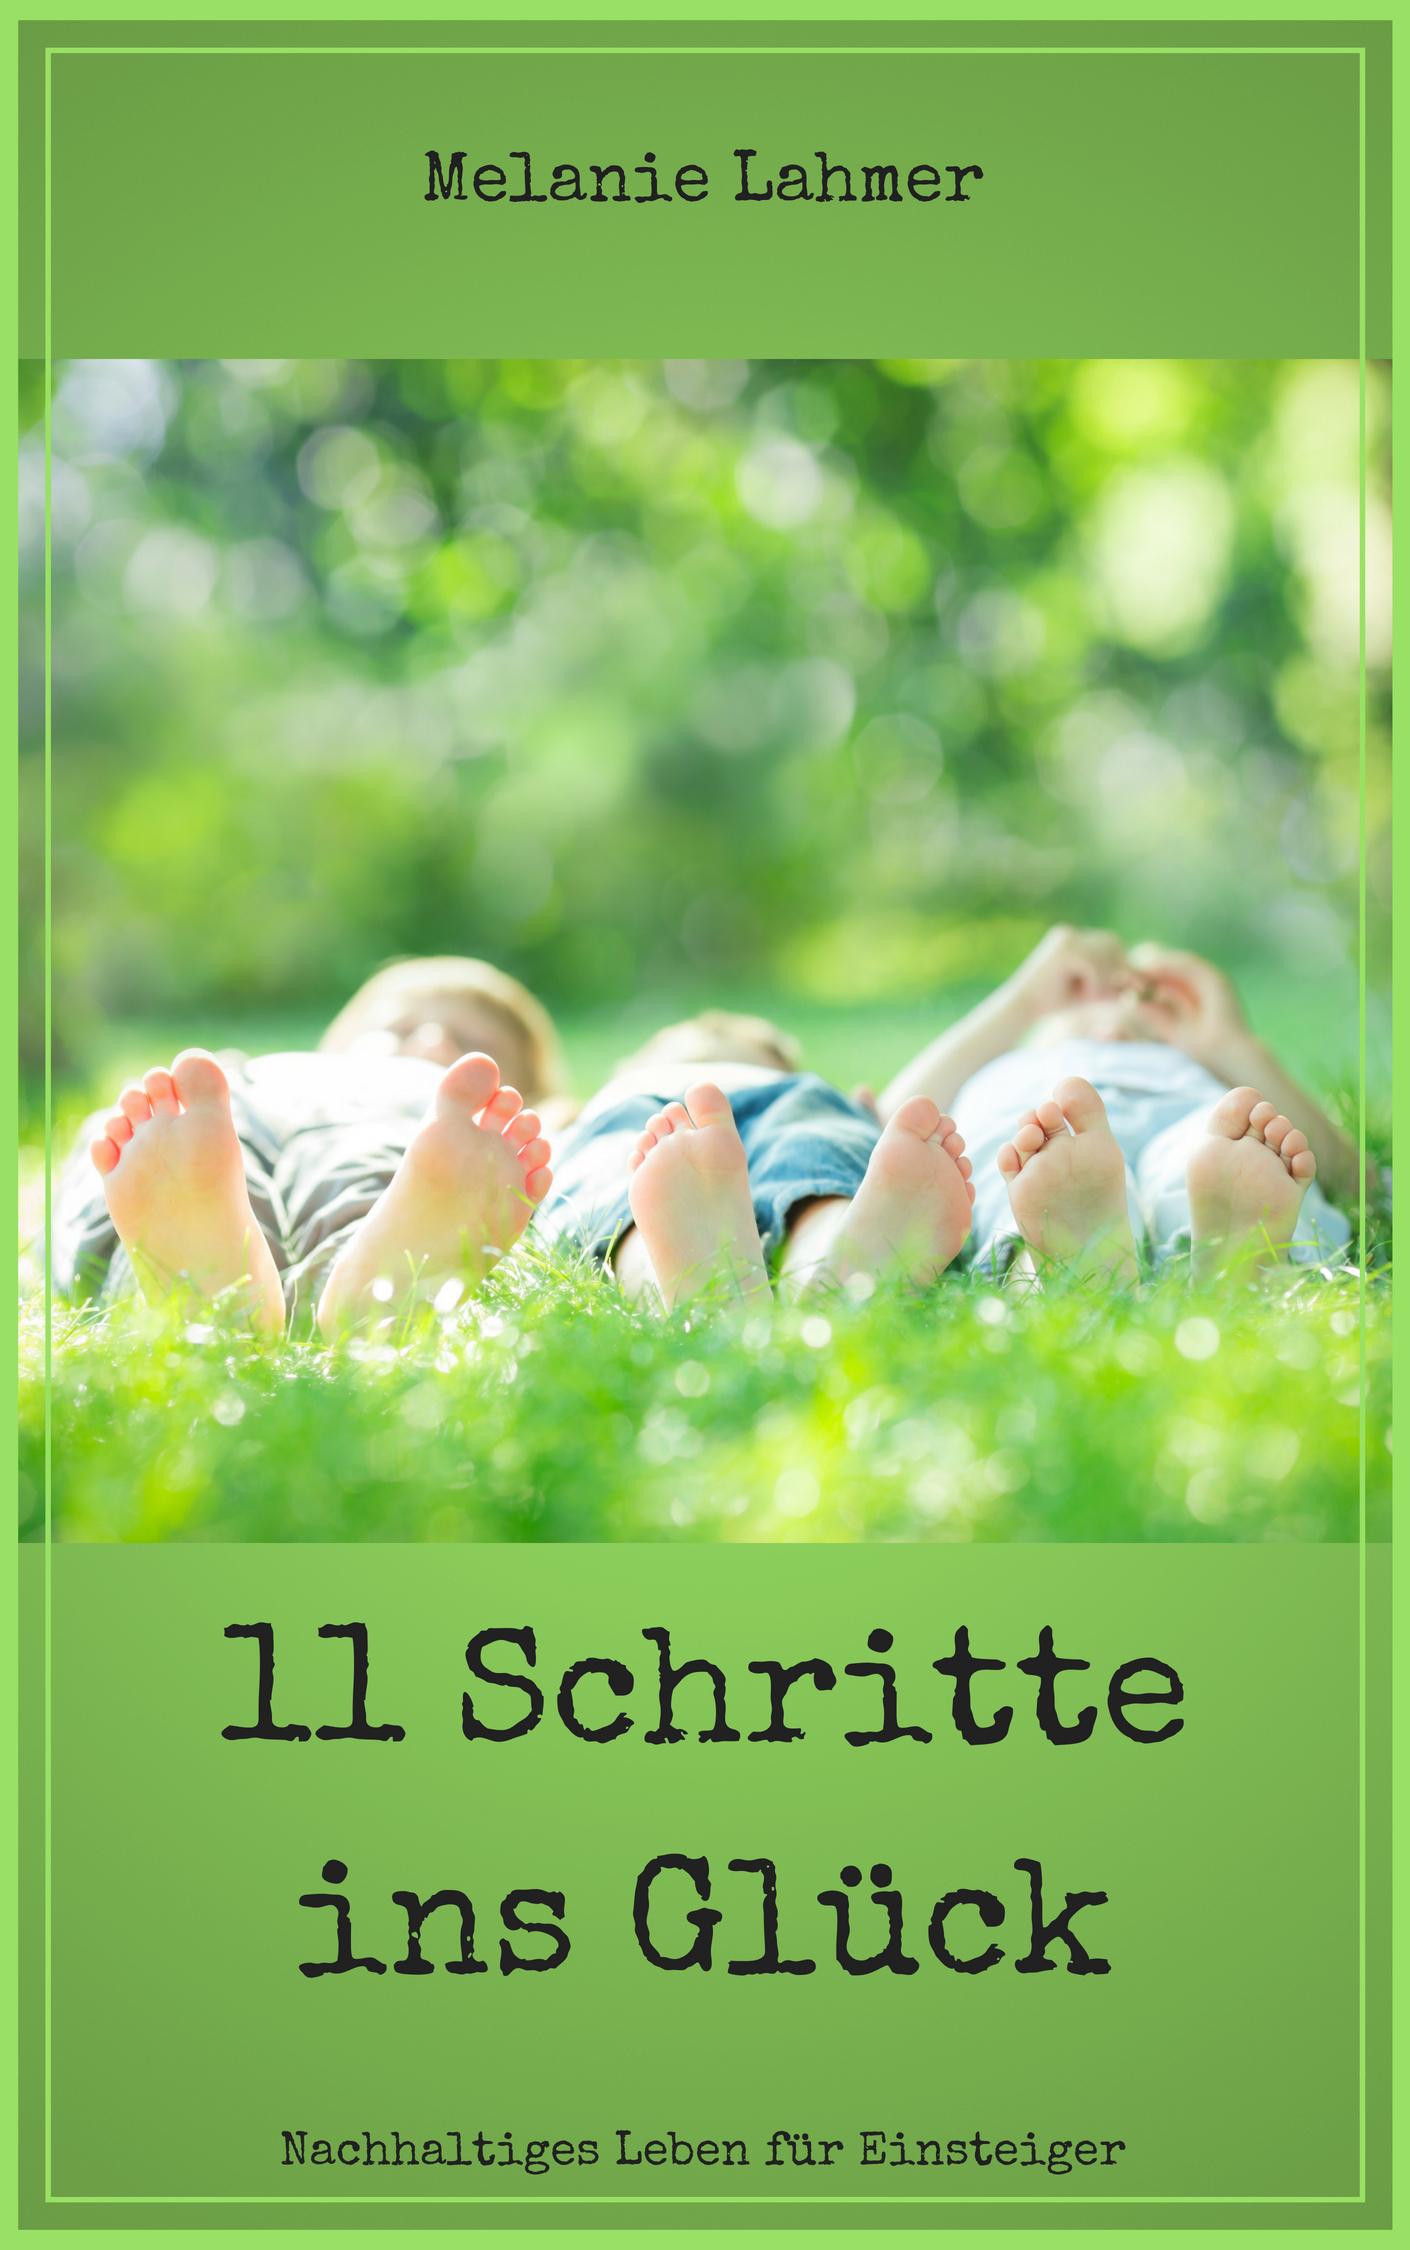 Ratgeber: 11 Schritte ins Glück SIEGERLAND KRIMIS